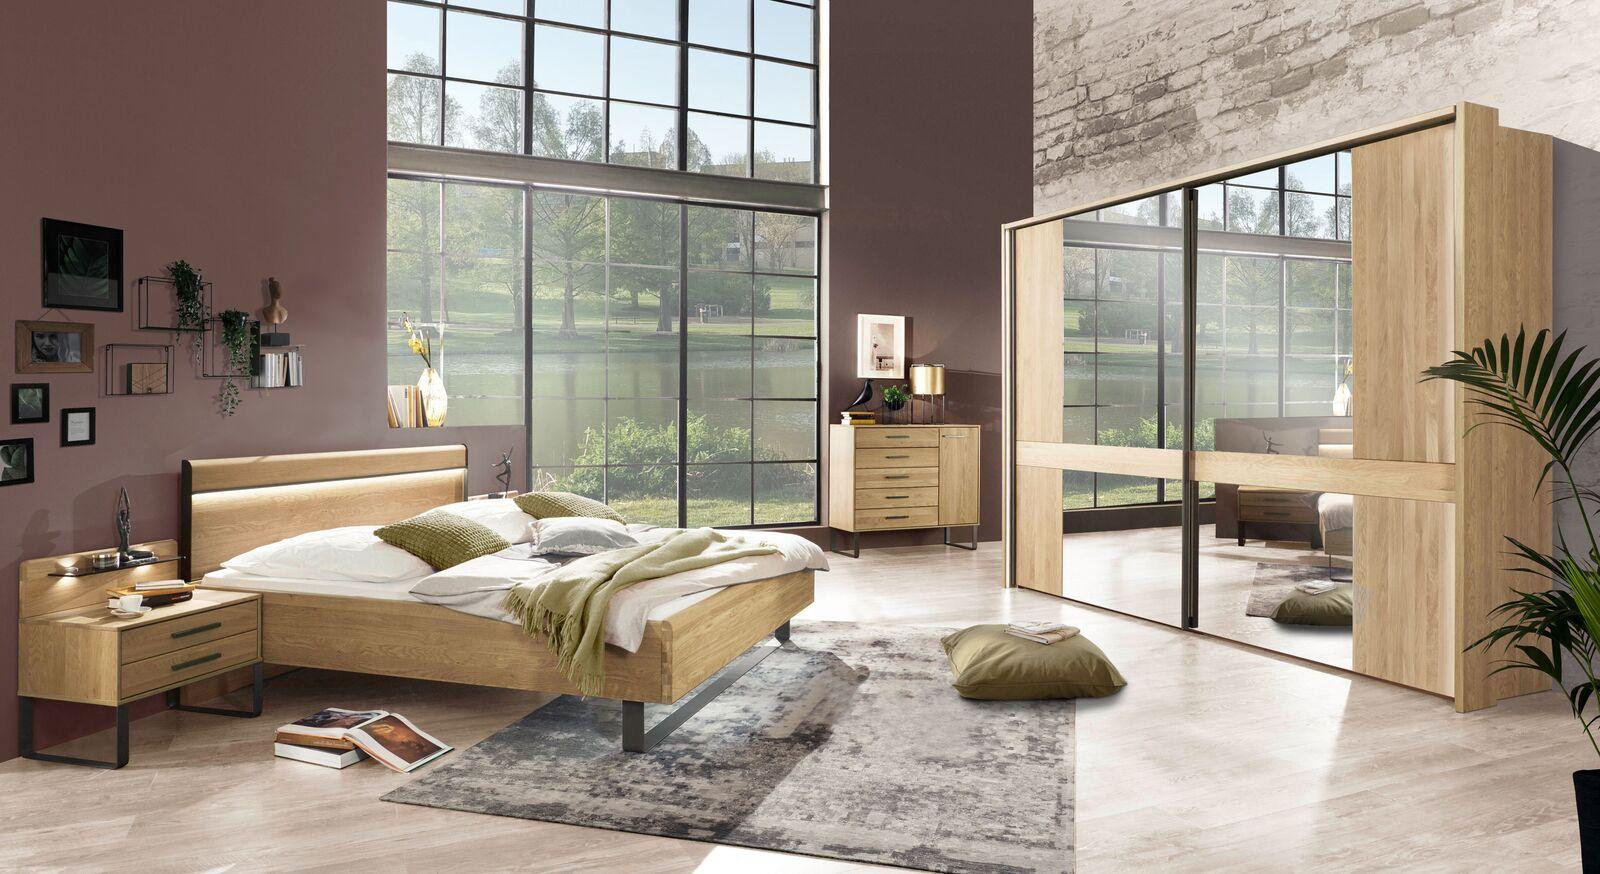 Komplett-Schlafzimmer Vitora in Eiche natur teilmassiv